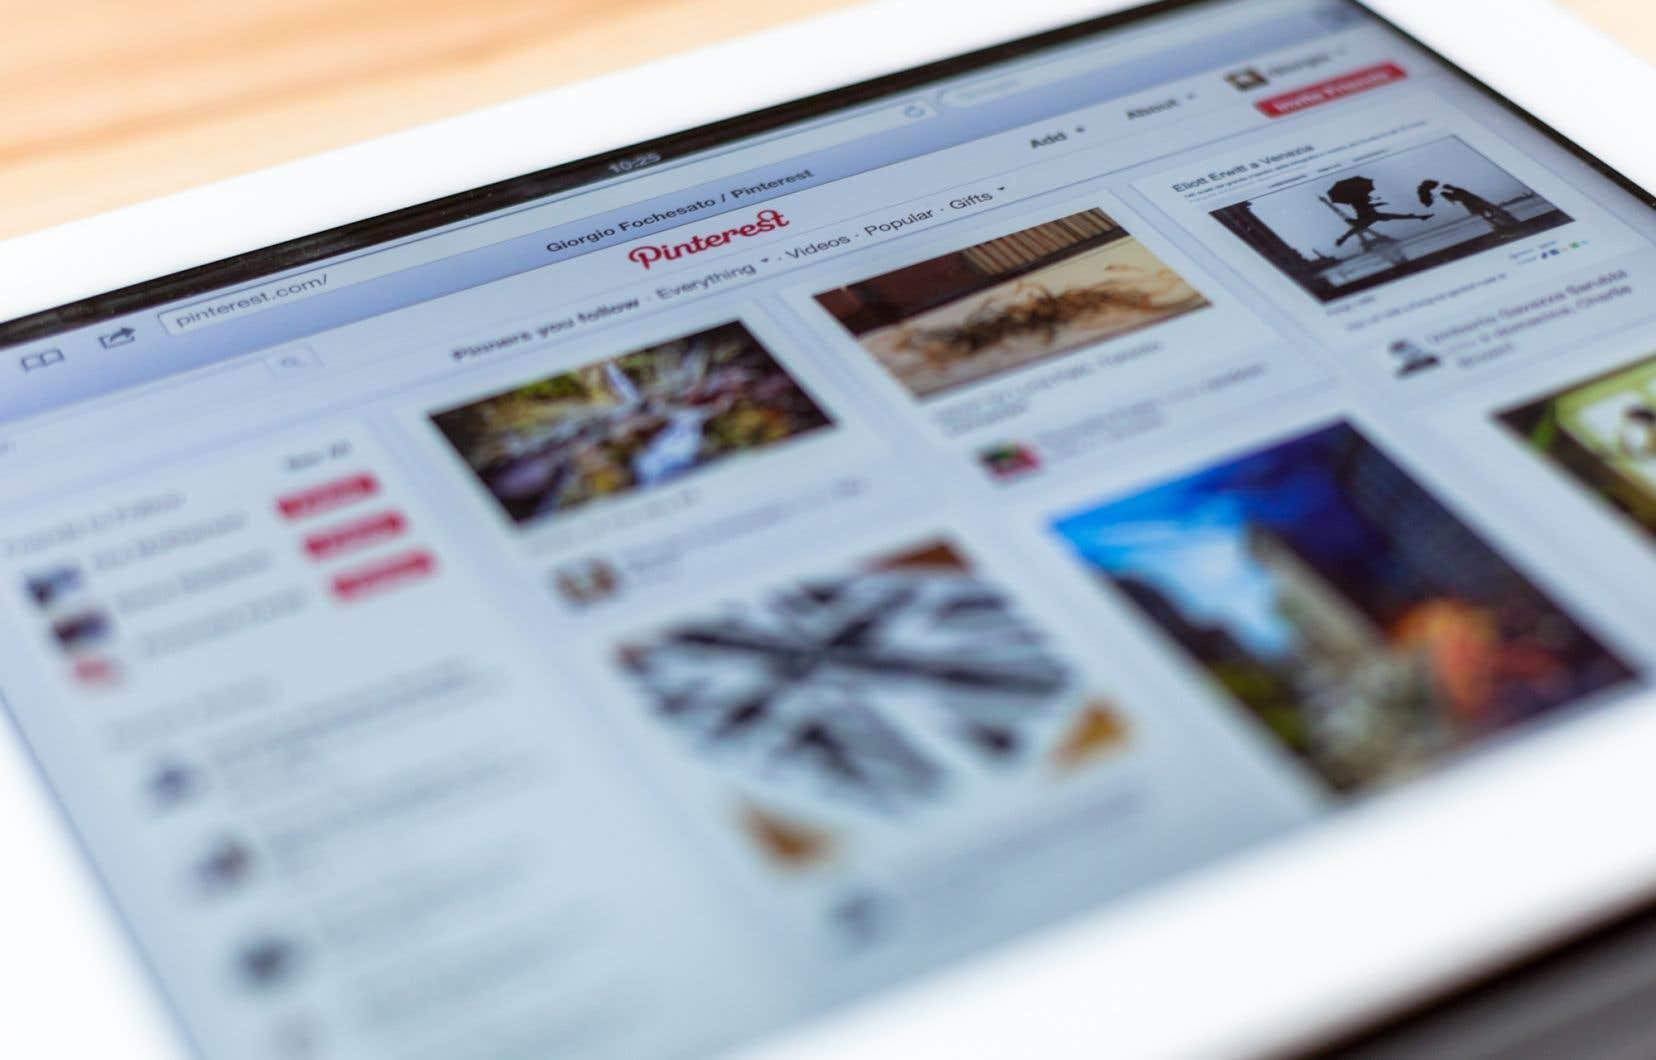 Pinterest va émettre deux types d'actions en Bourse, une classe A dotée d'une seule voix et une classe B assortie de 20 voix.